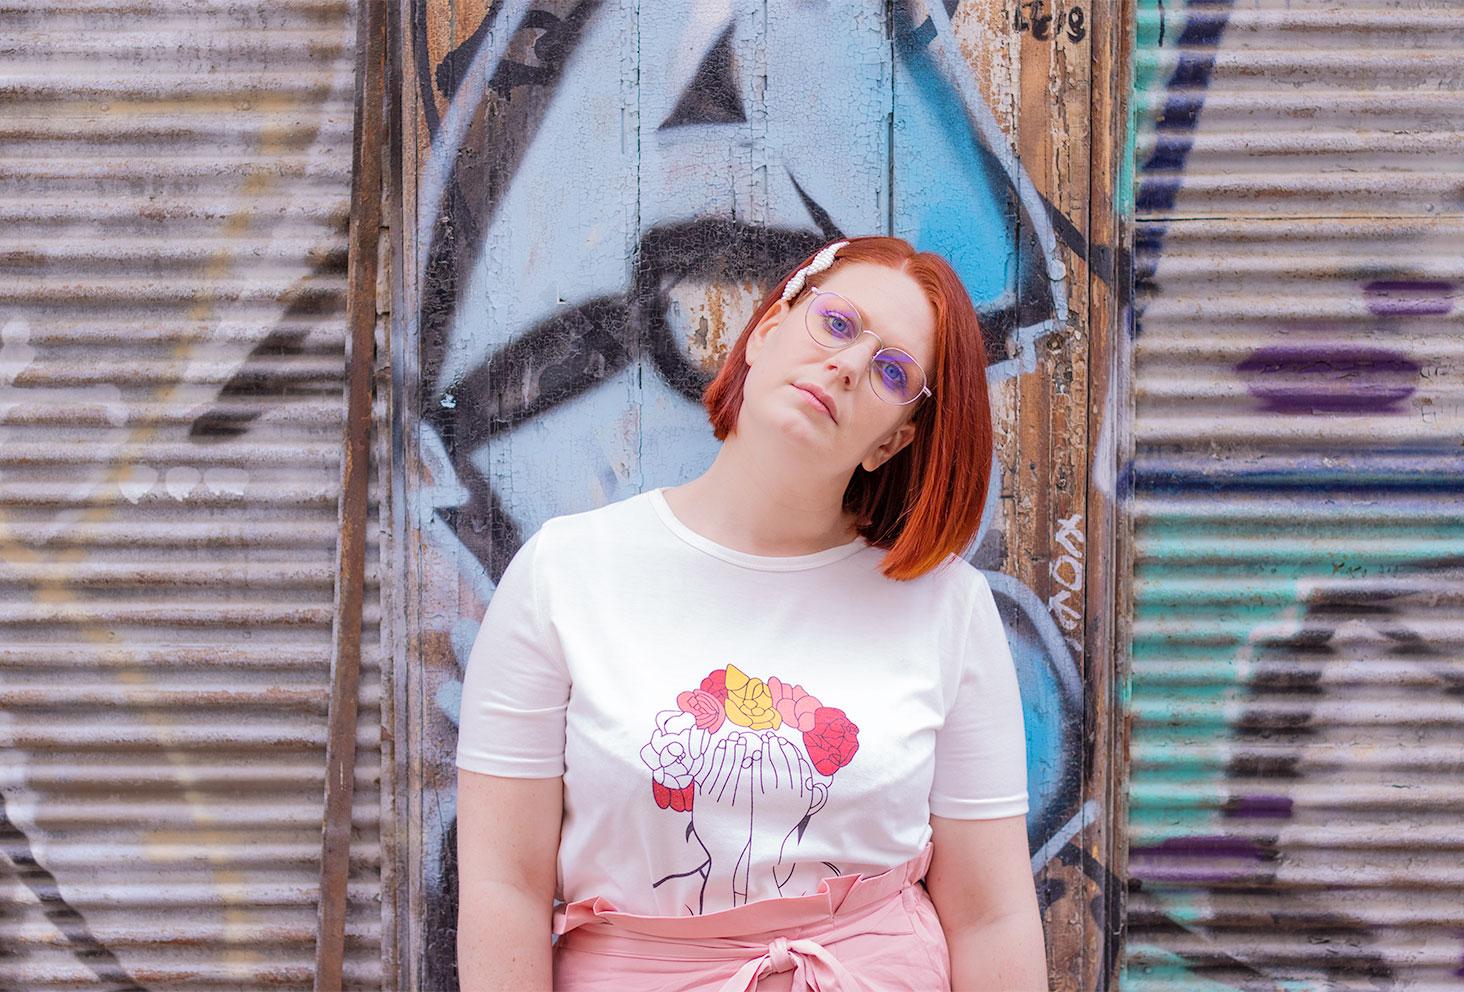 Dans la rue devant un graffiti sans le sourire, les mains le long du corps en t-shirt Shein